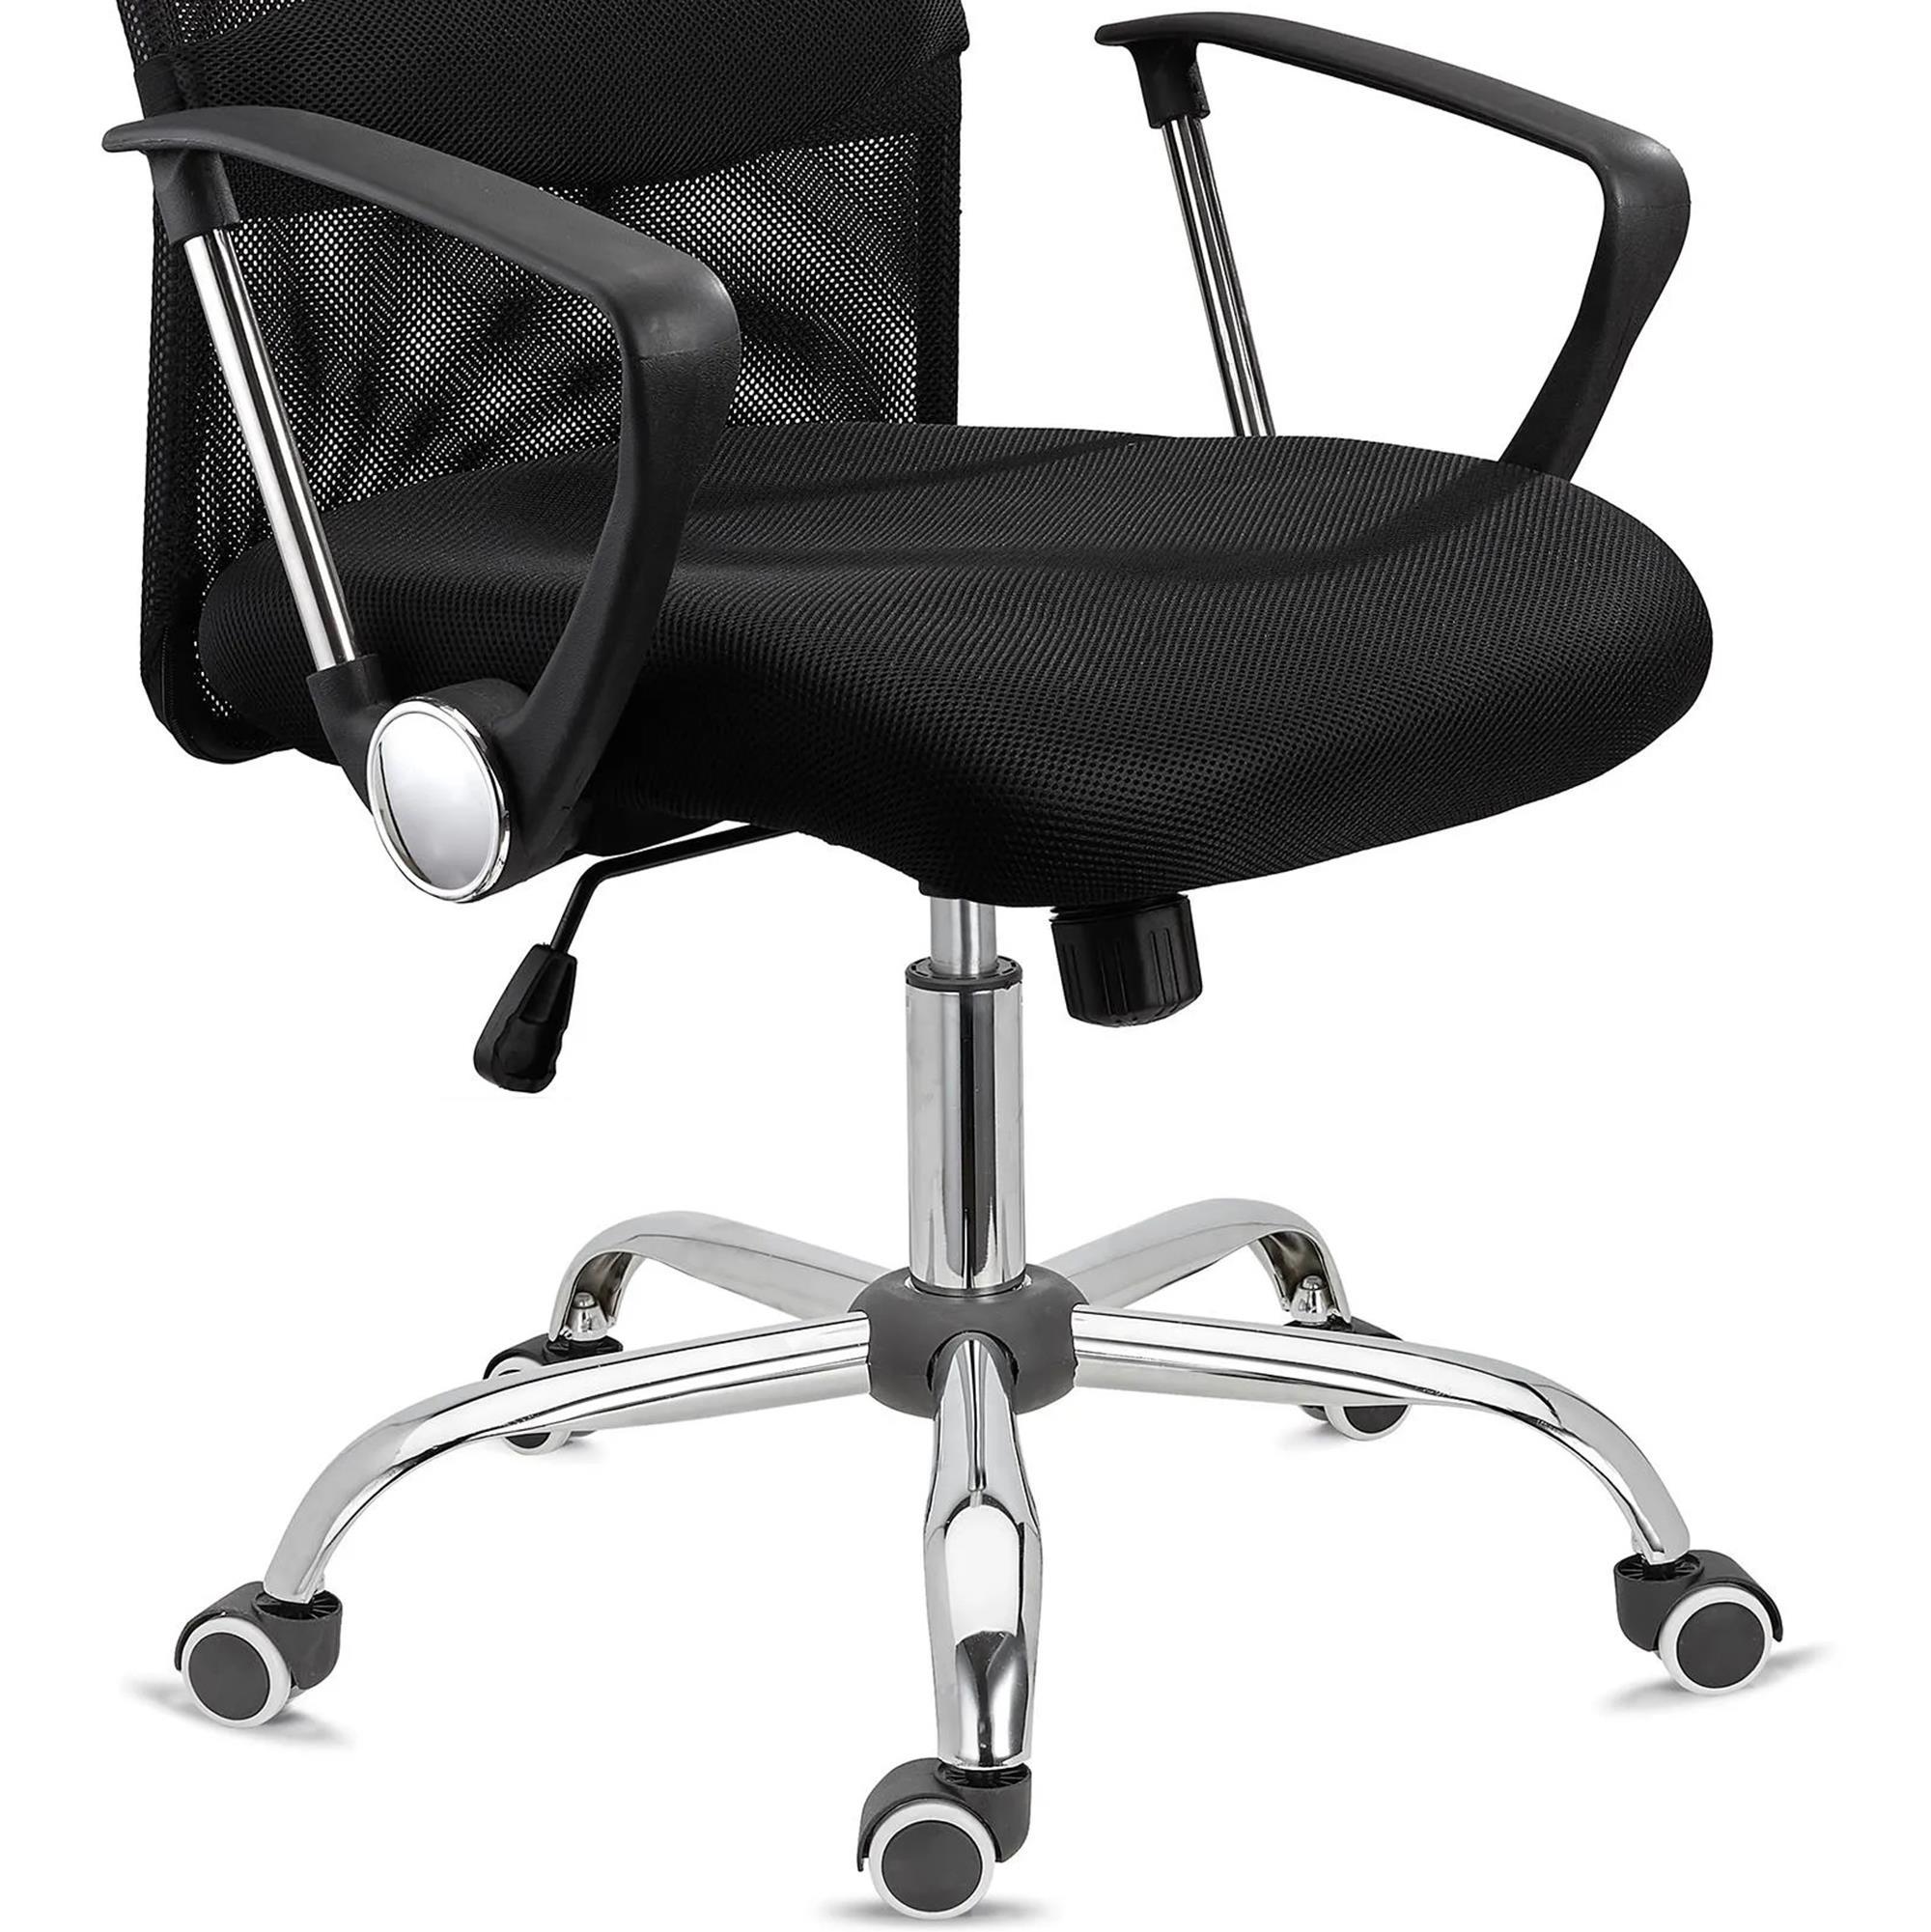 Sillas de oficina aspen malla transpirable en negro for Sillas para oficina precios